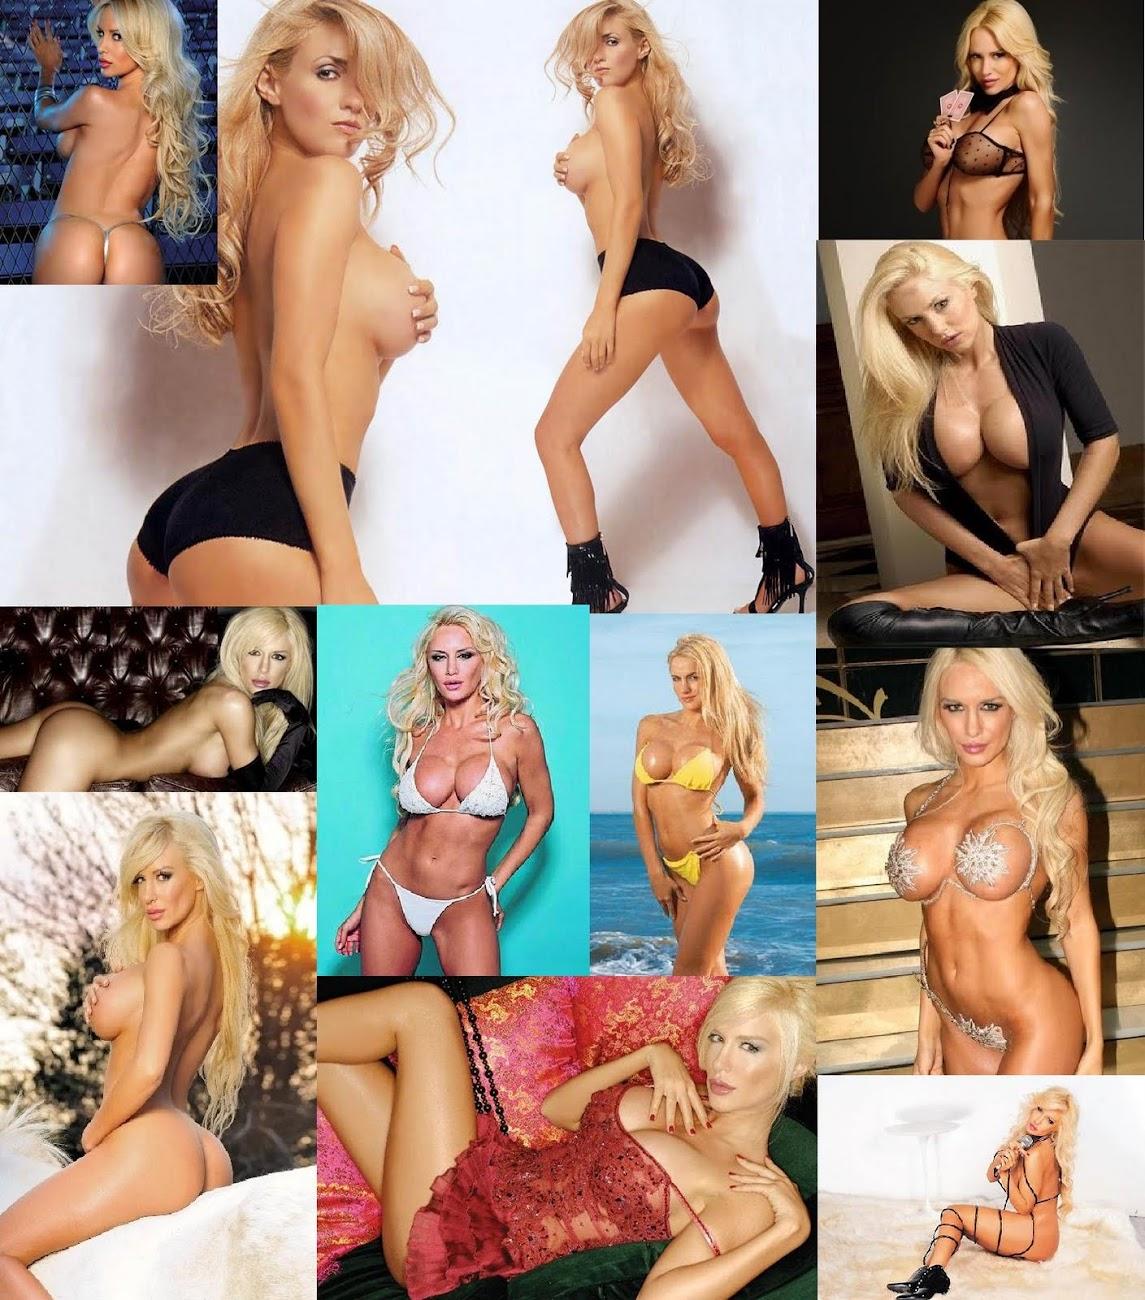 http://4.bp.blogspot.com/_IM-QkXjSb4s/TEH2eRs_hJI/AAAAAAAAQCM/fw6ku8jLyS4/s1300/7.JPG